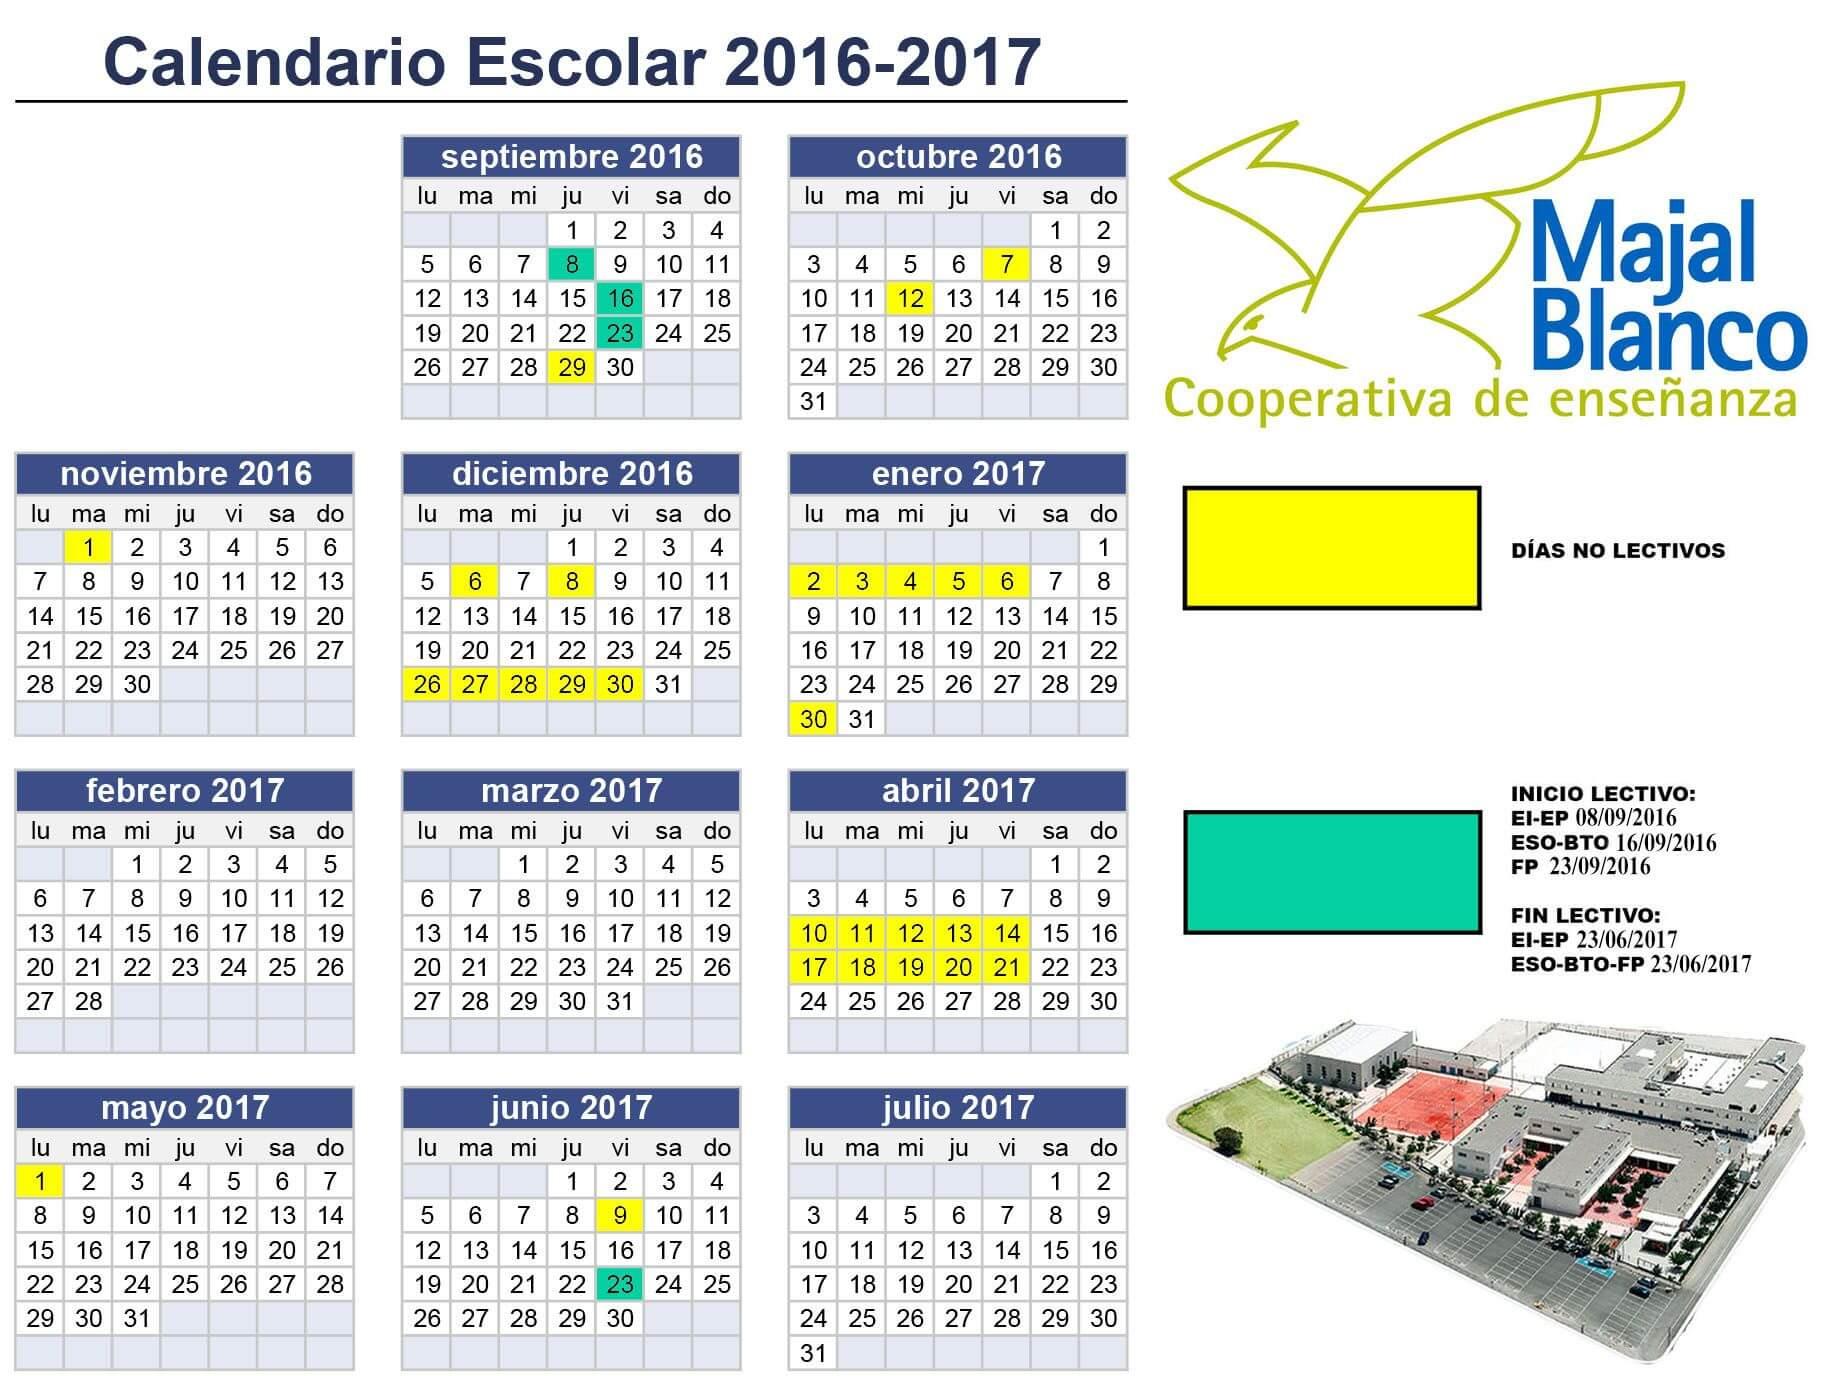 Calendario Escolar 2016-2017 - Centro Concertado Majal Blanco